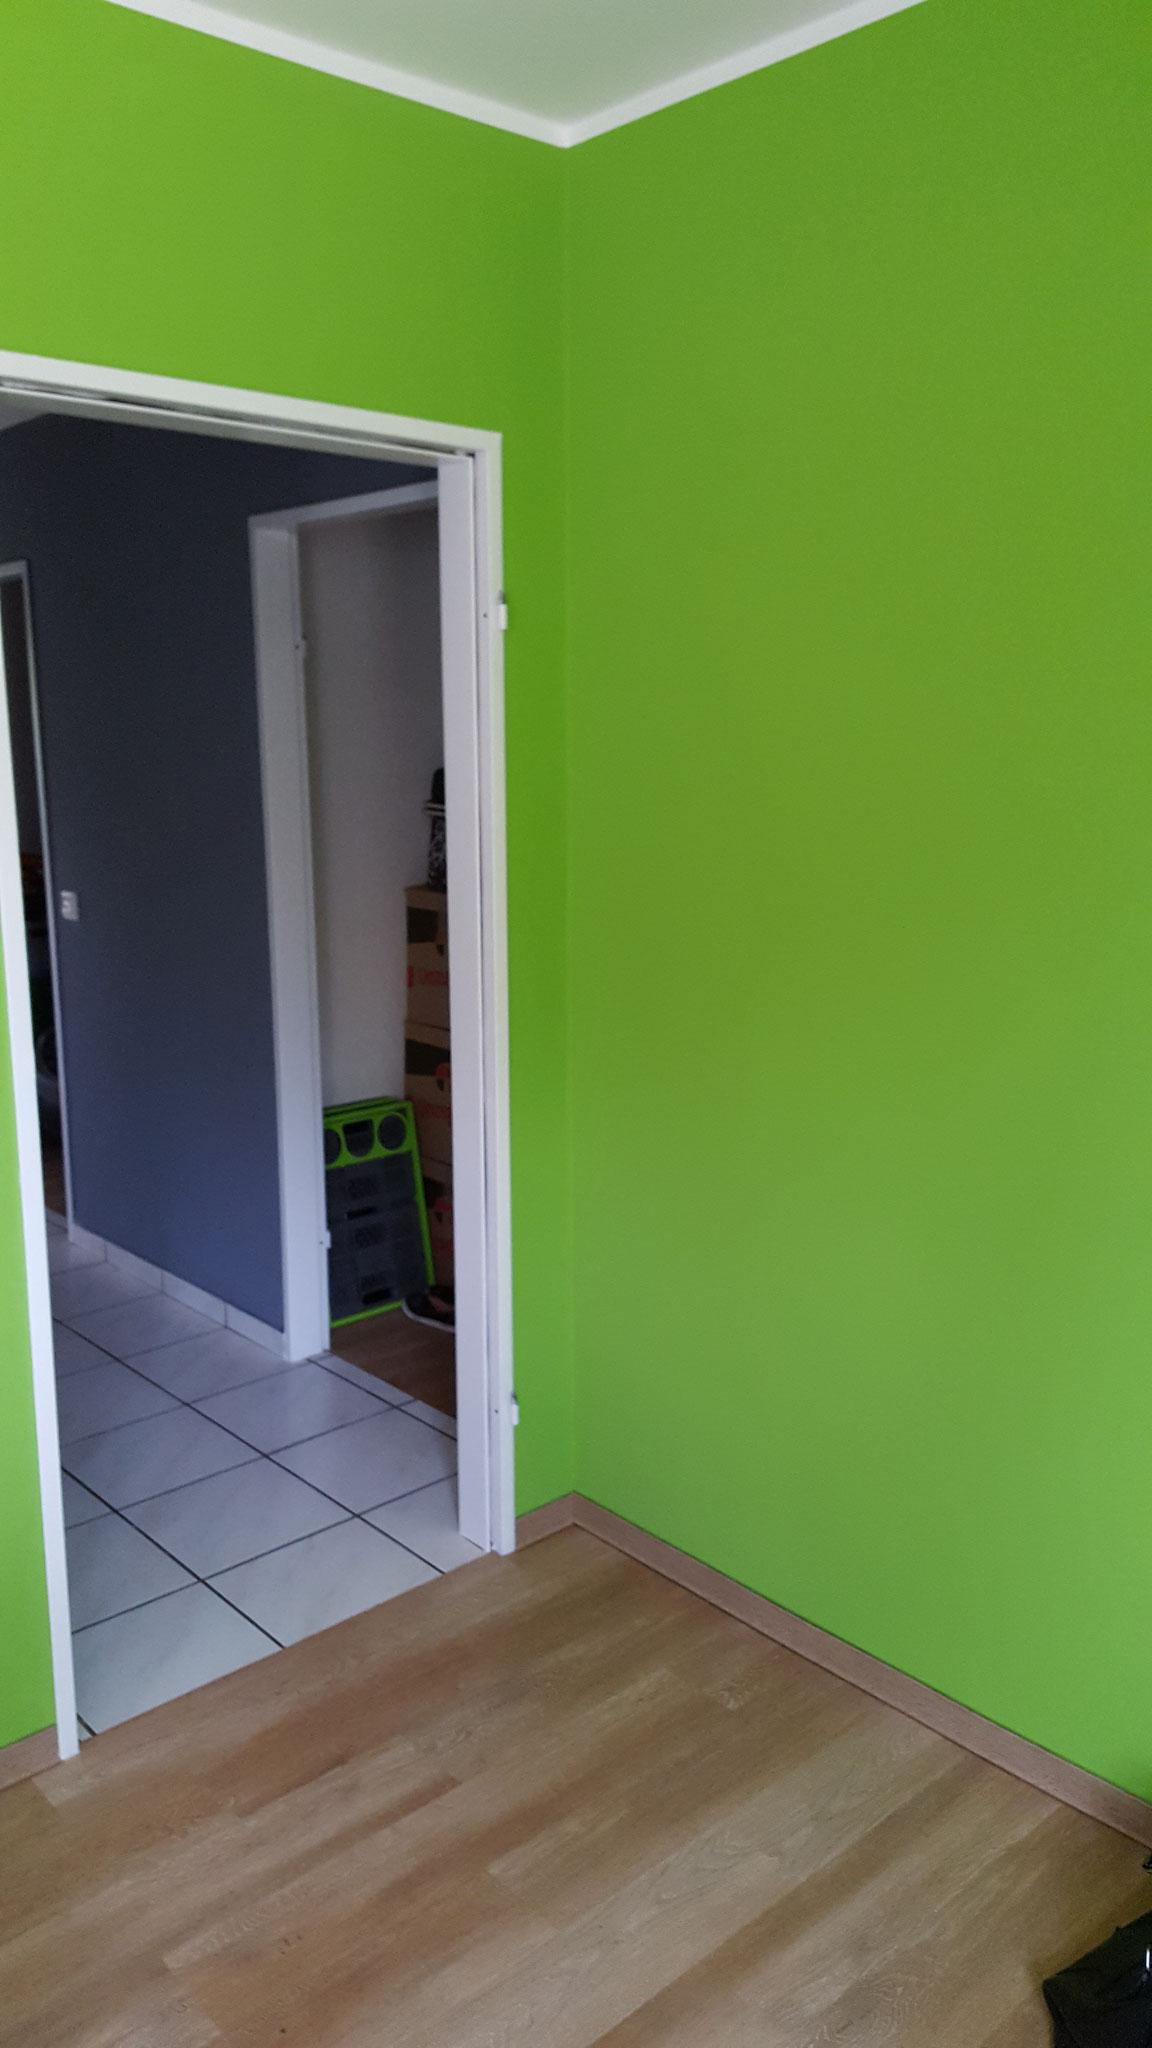 Grün.... ohne alles etwas Gewöhnungsbedürftig, sah aber mit der Küche sehr gut aus.